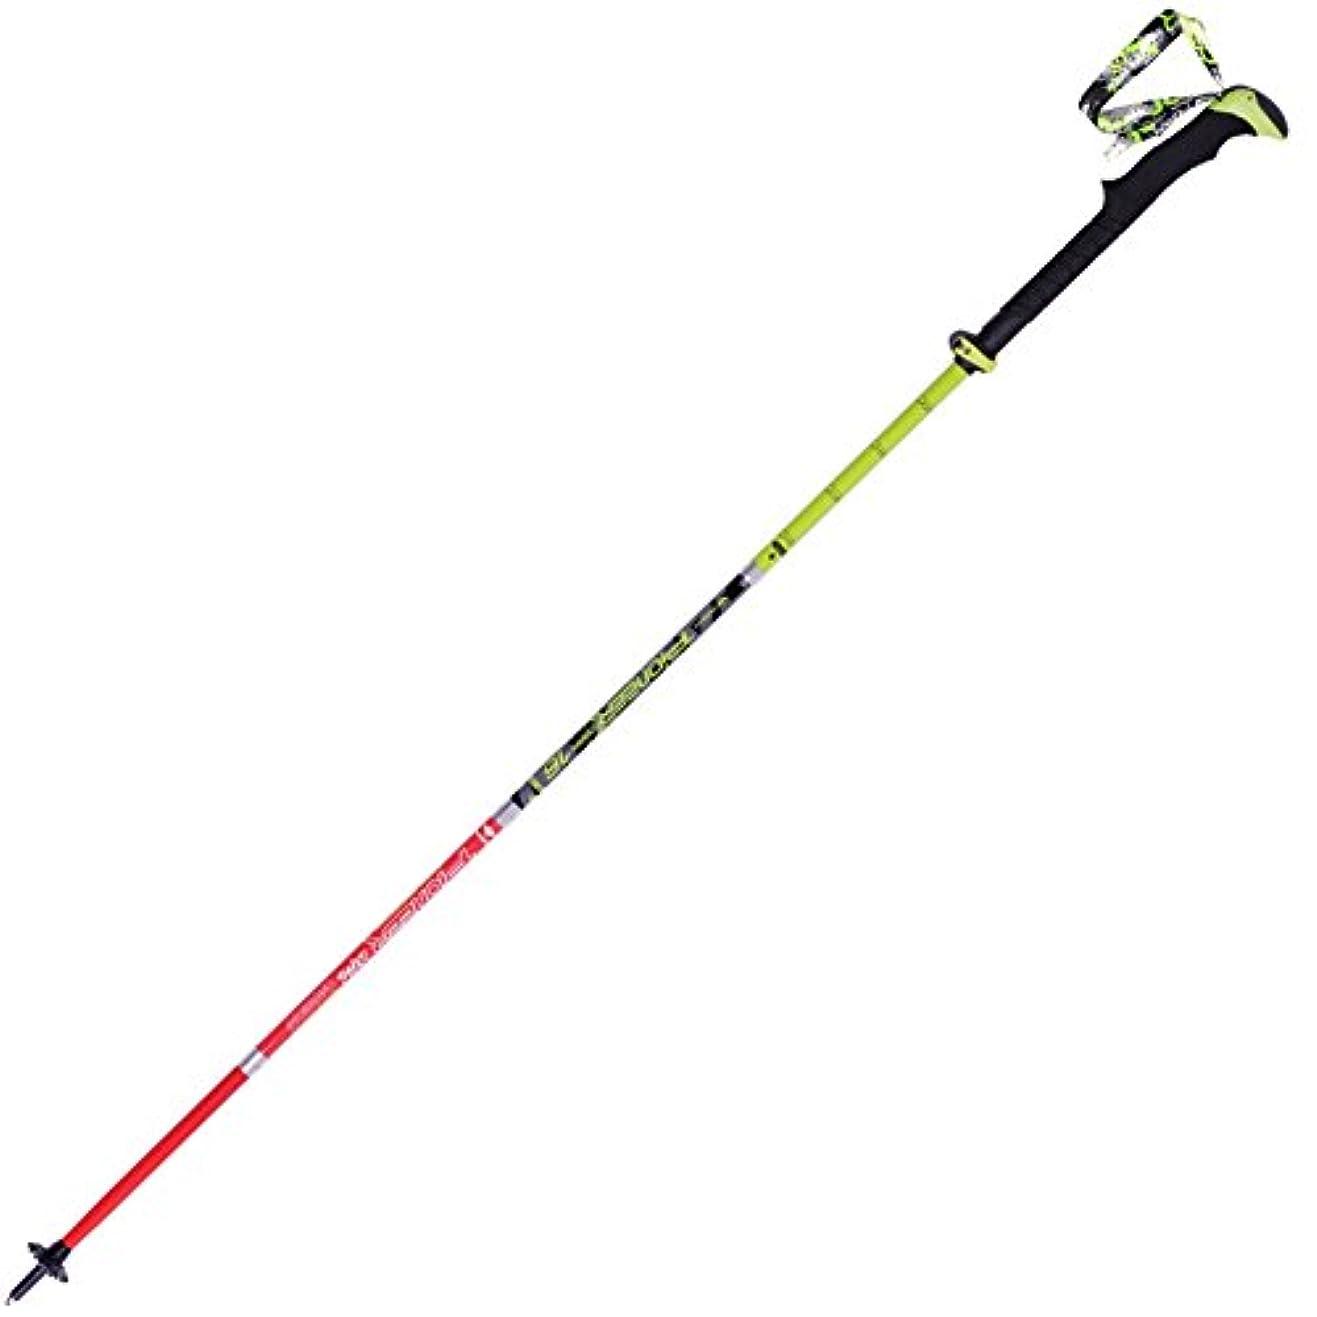 フィールド熟す漁師折り畳みトレッキングポール, 軽量 杖?ステッキ 炭素繊維 5 スティック ハイキング ステッキ 登山装備 男性の杖?ステッキ